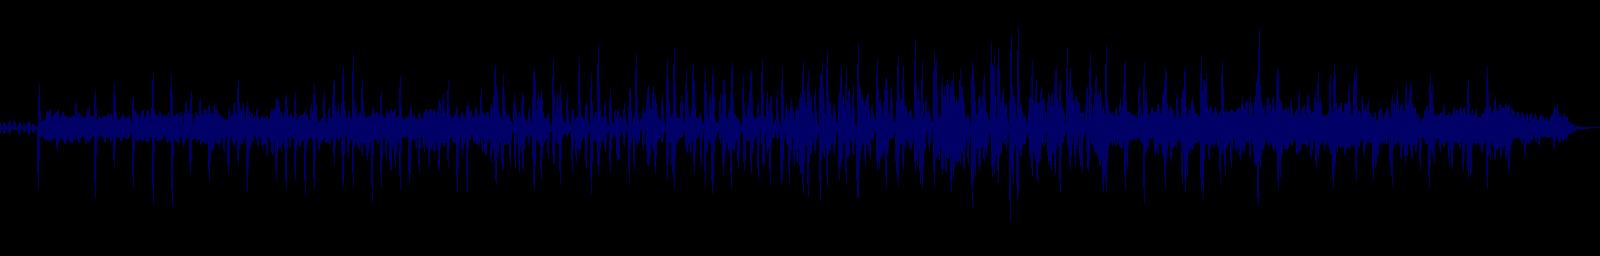 waveform of track #146482